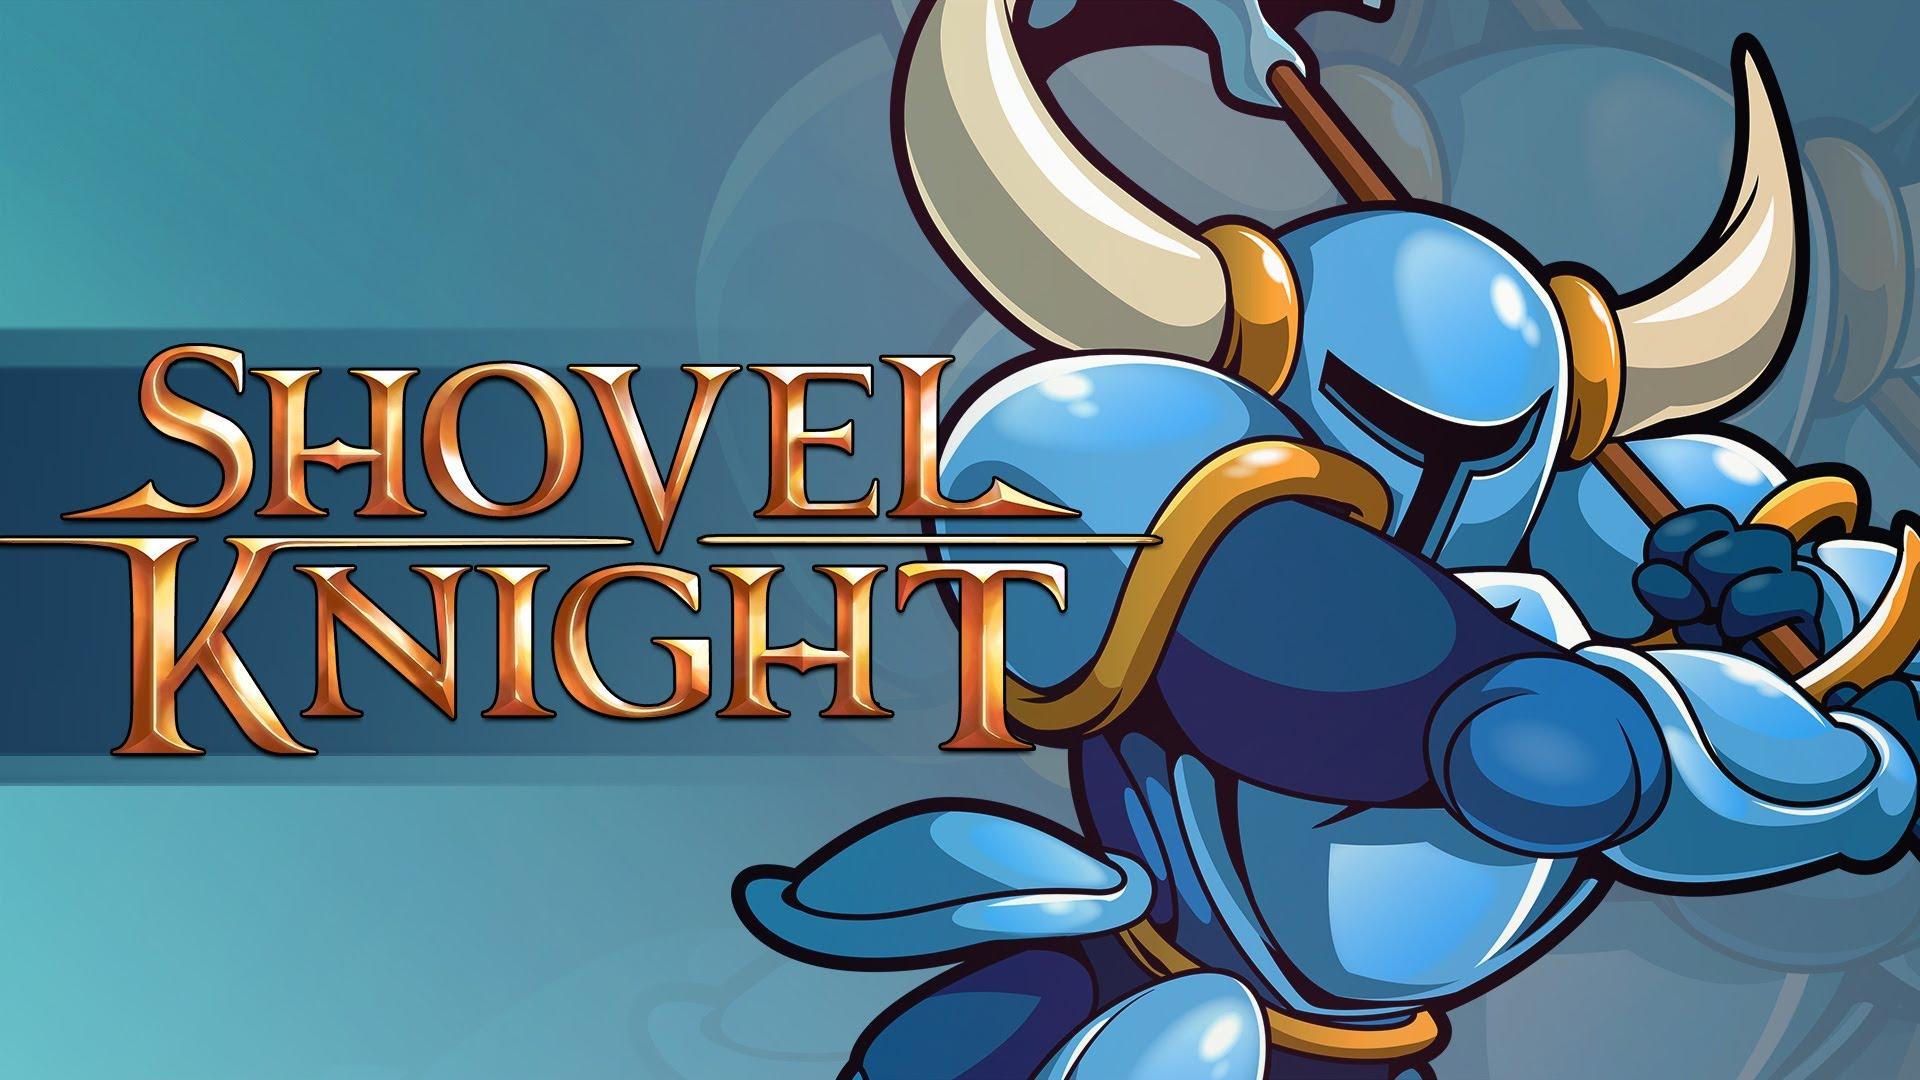 shovel knight wallpaper hd 47303